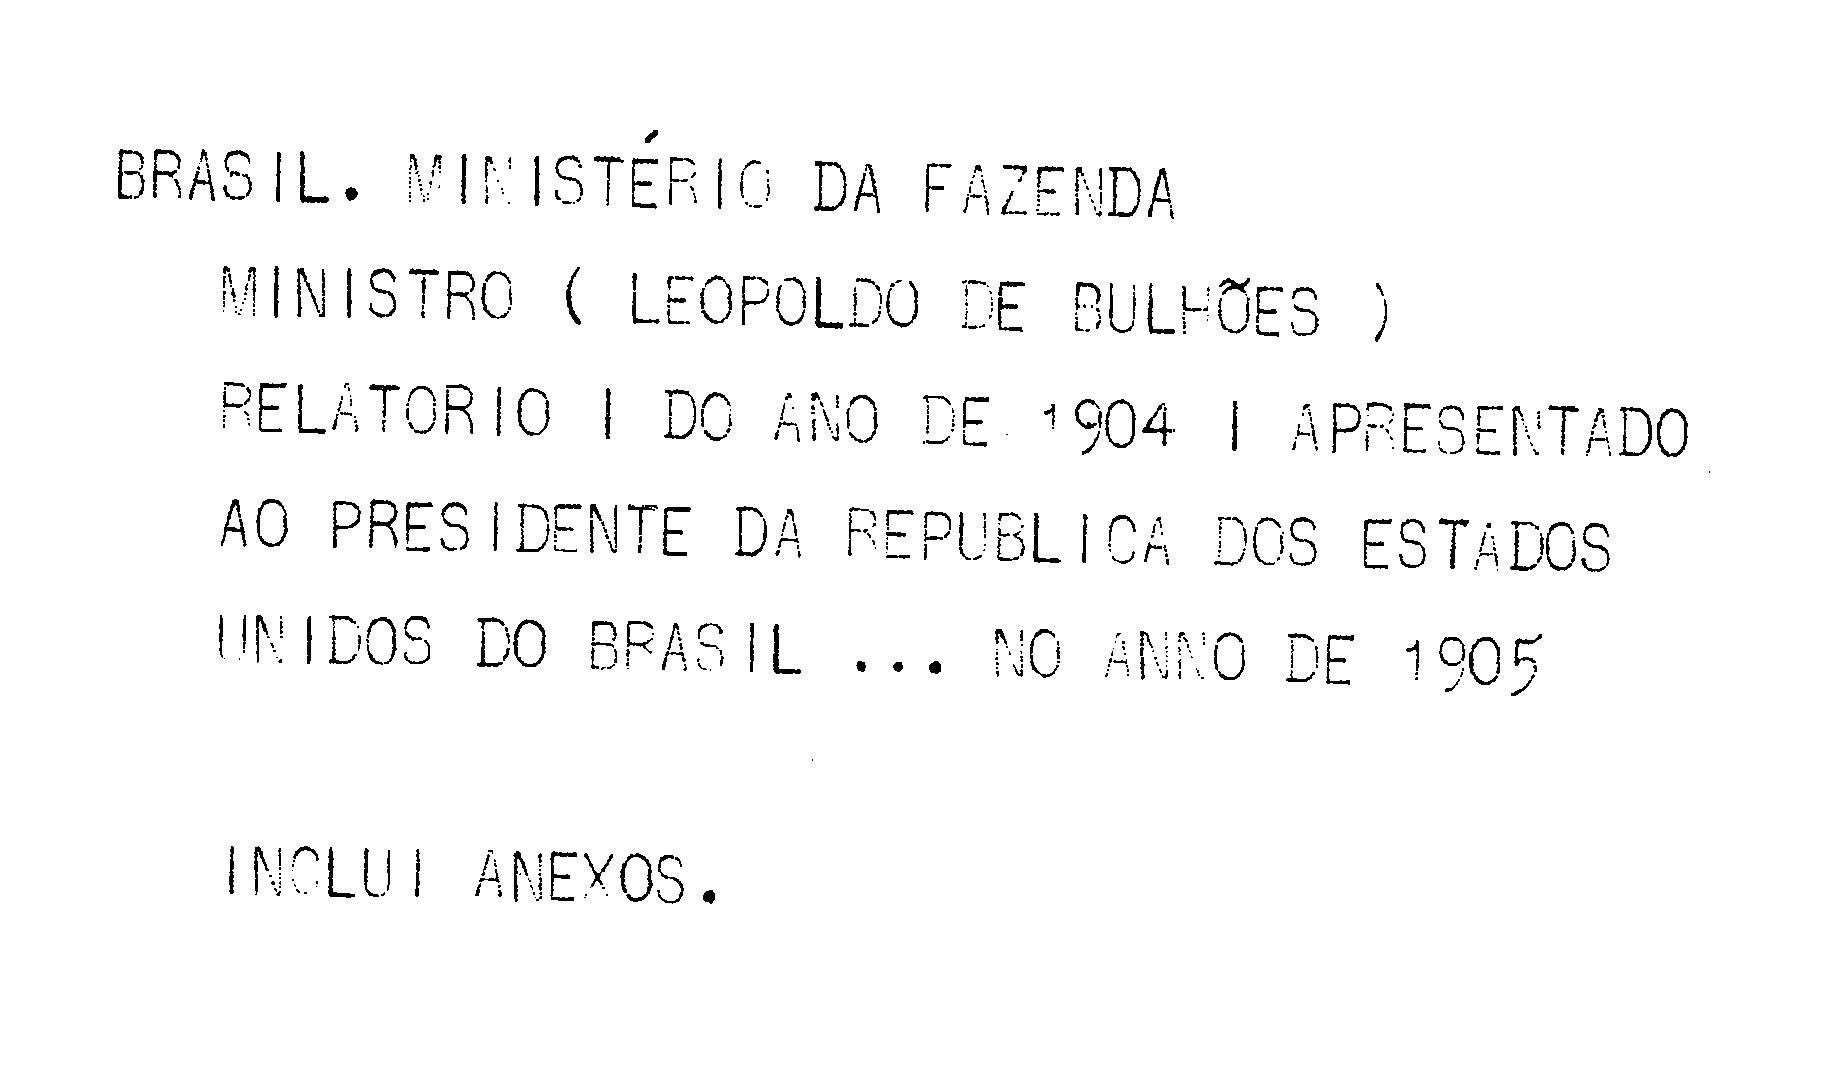 Ministerio da Fazenda - Relatório apresentado ao presidente da República dos Estados Unidos do Brazil pelo Ministro de Estado dos Negócios da Fazenda Leopoldo de Bulhões no anno de 1905, 17º da República